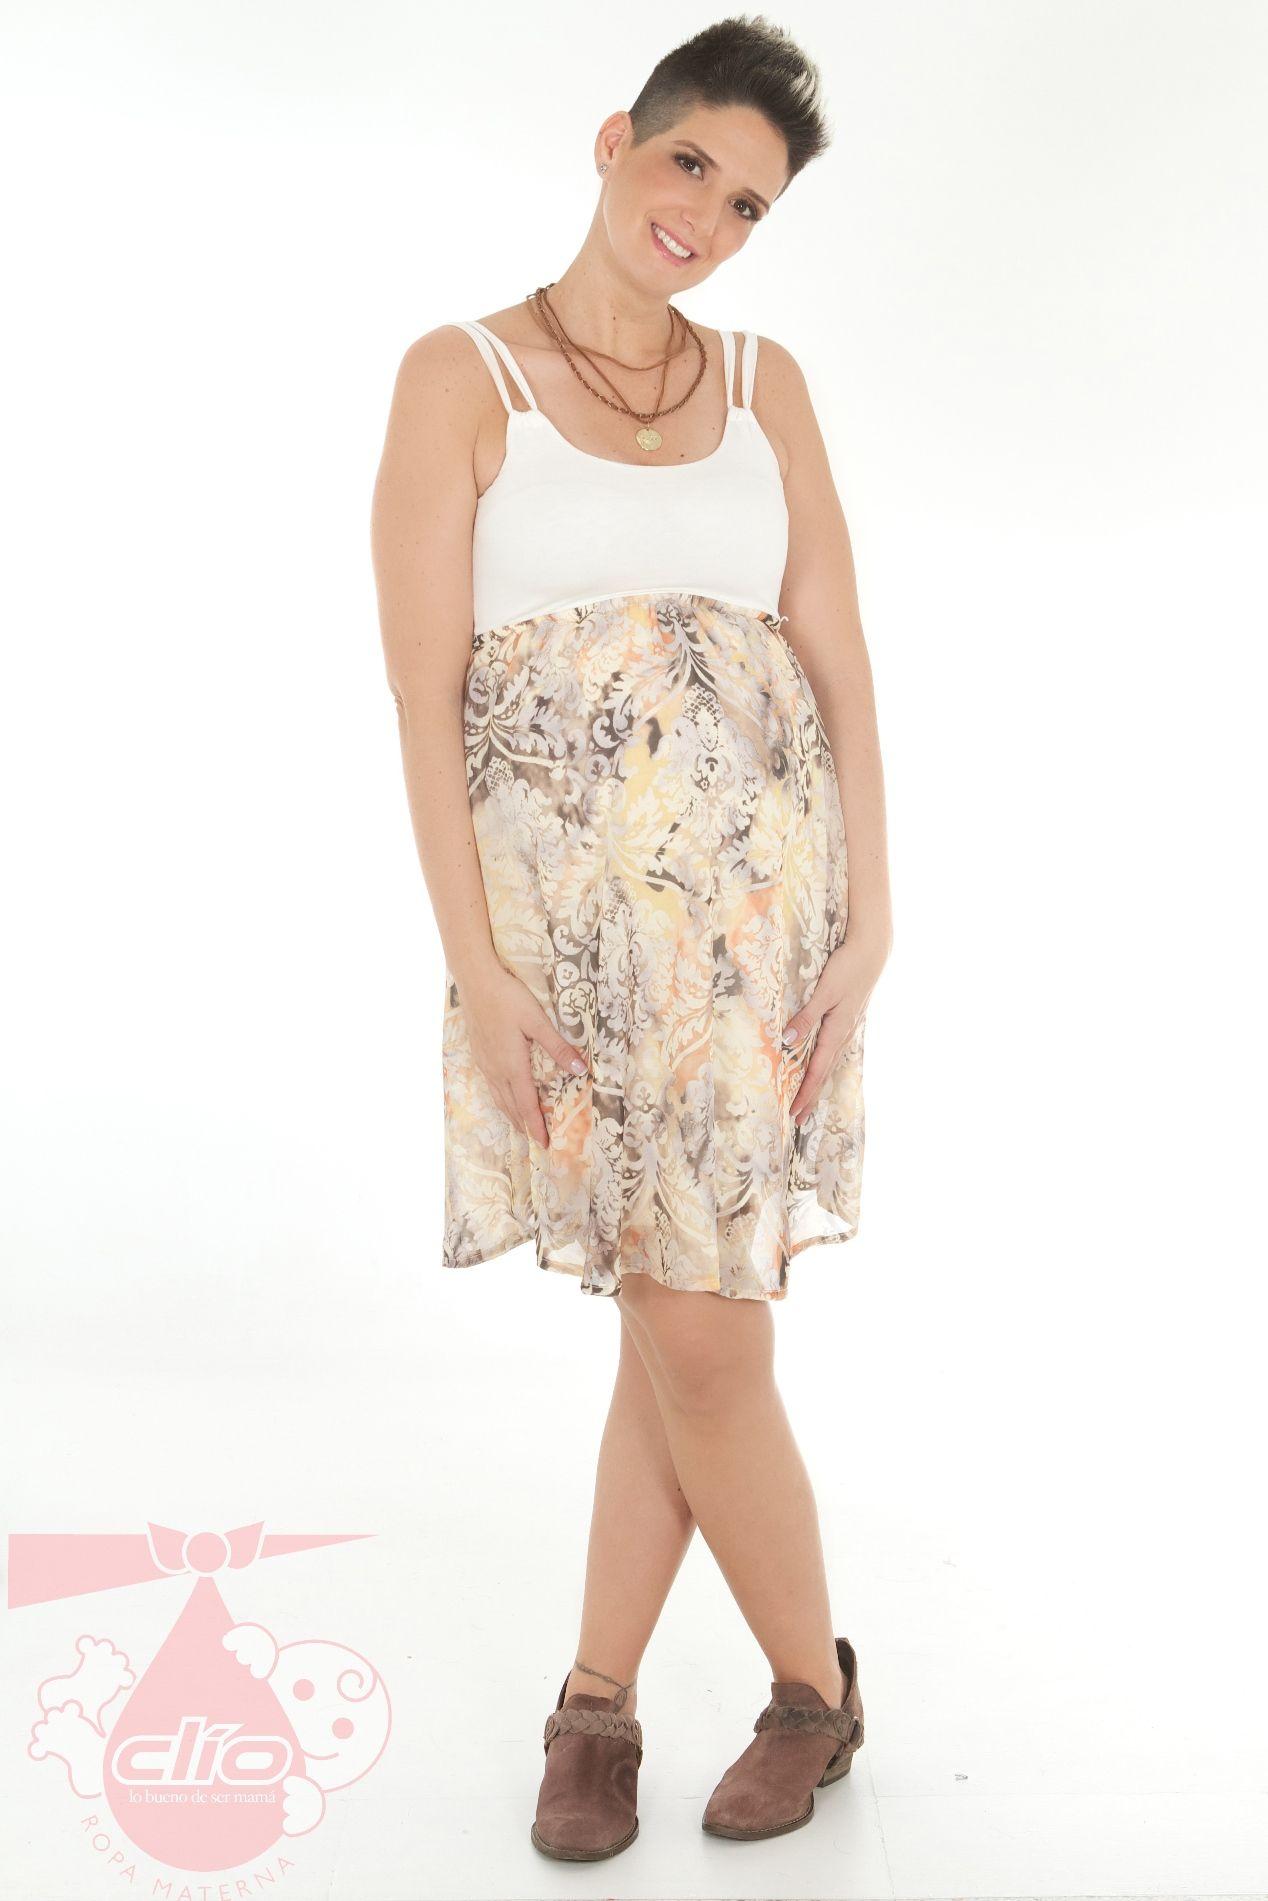 9f0bfaad1  Ropa  materna con las tendencias de la  moda. Este  vestido  materno con  diseño corto es una excelente opción para estar fresca